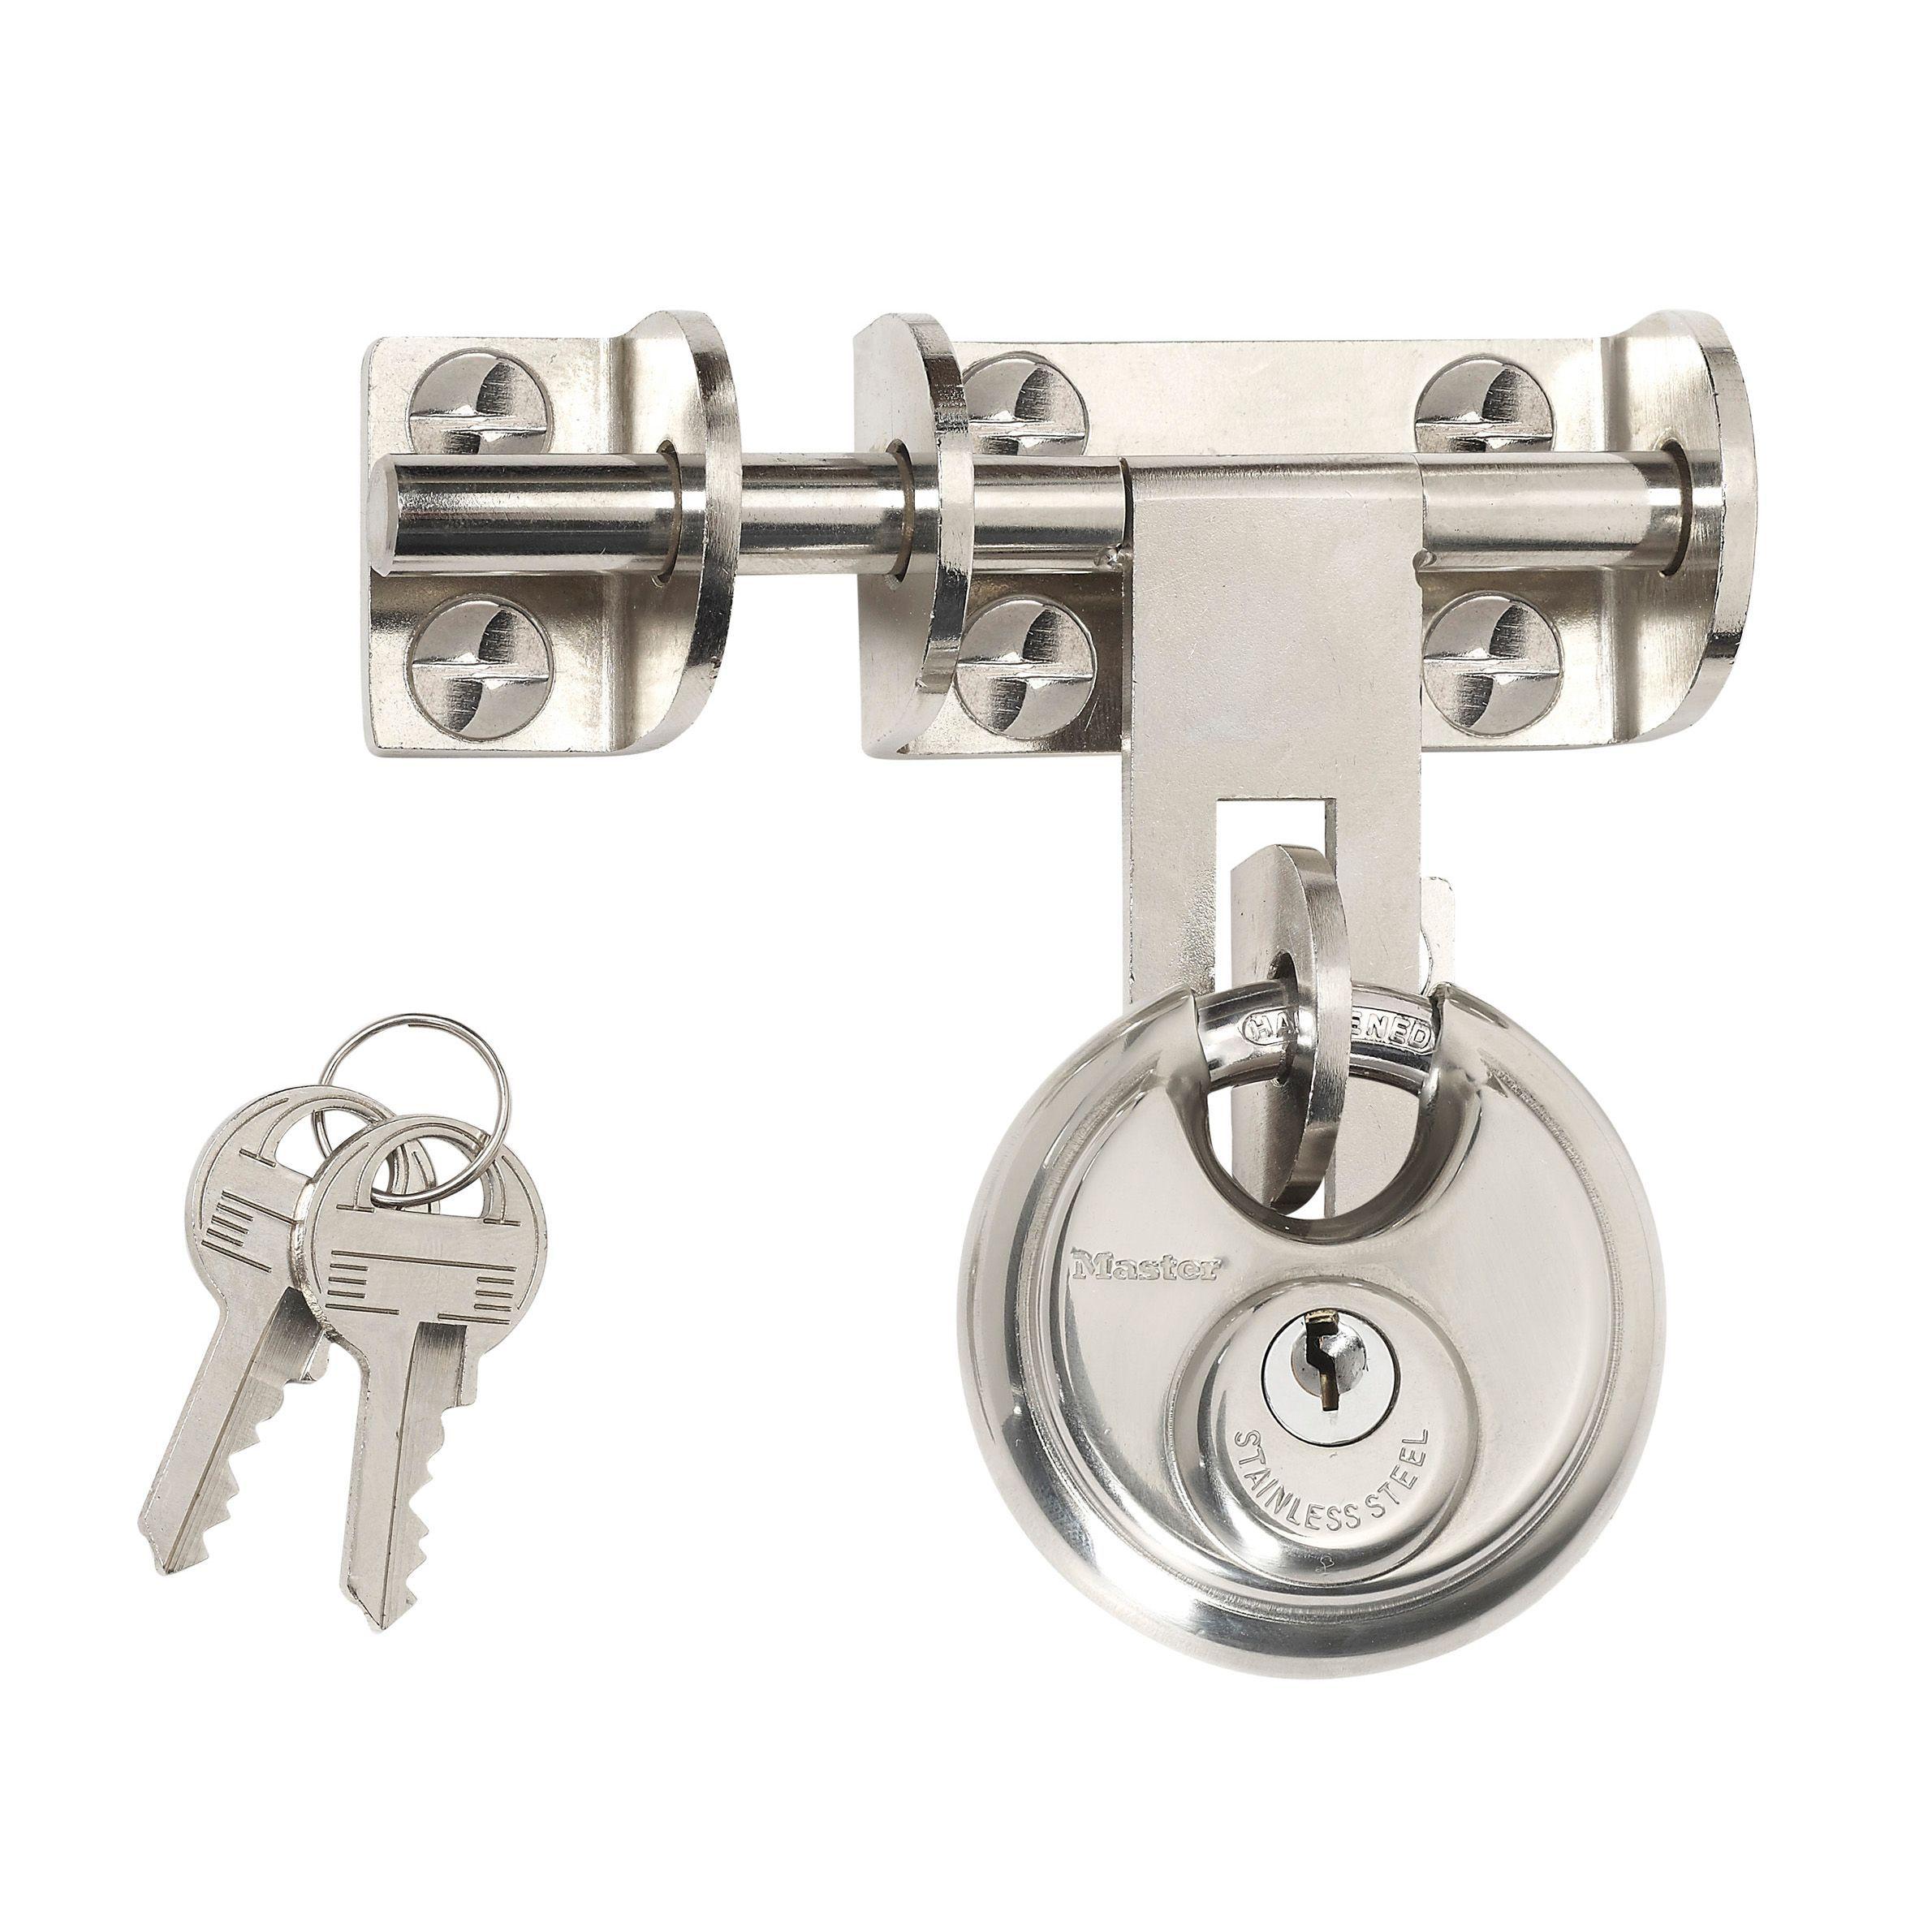 Master Lock Steel 4-pin Tumbler Cylinder Padlock